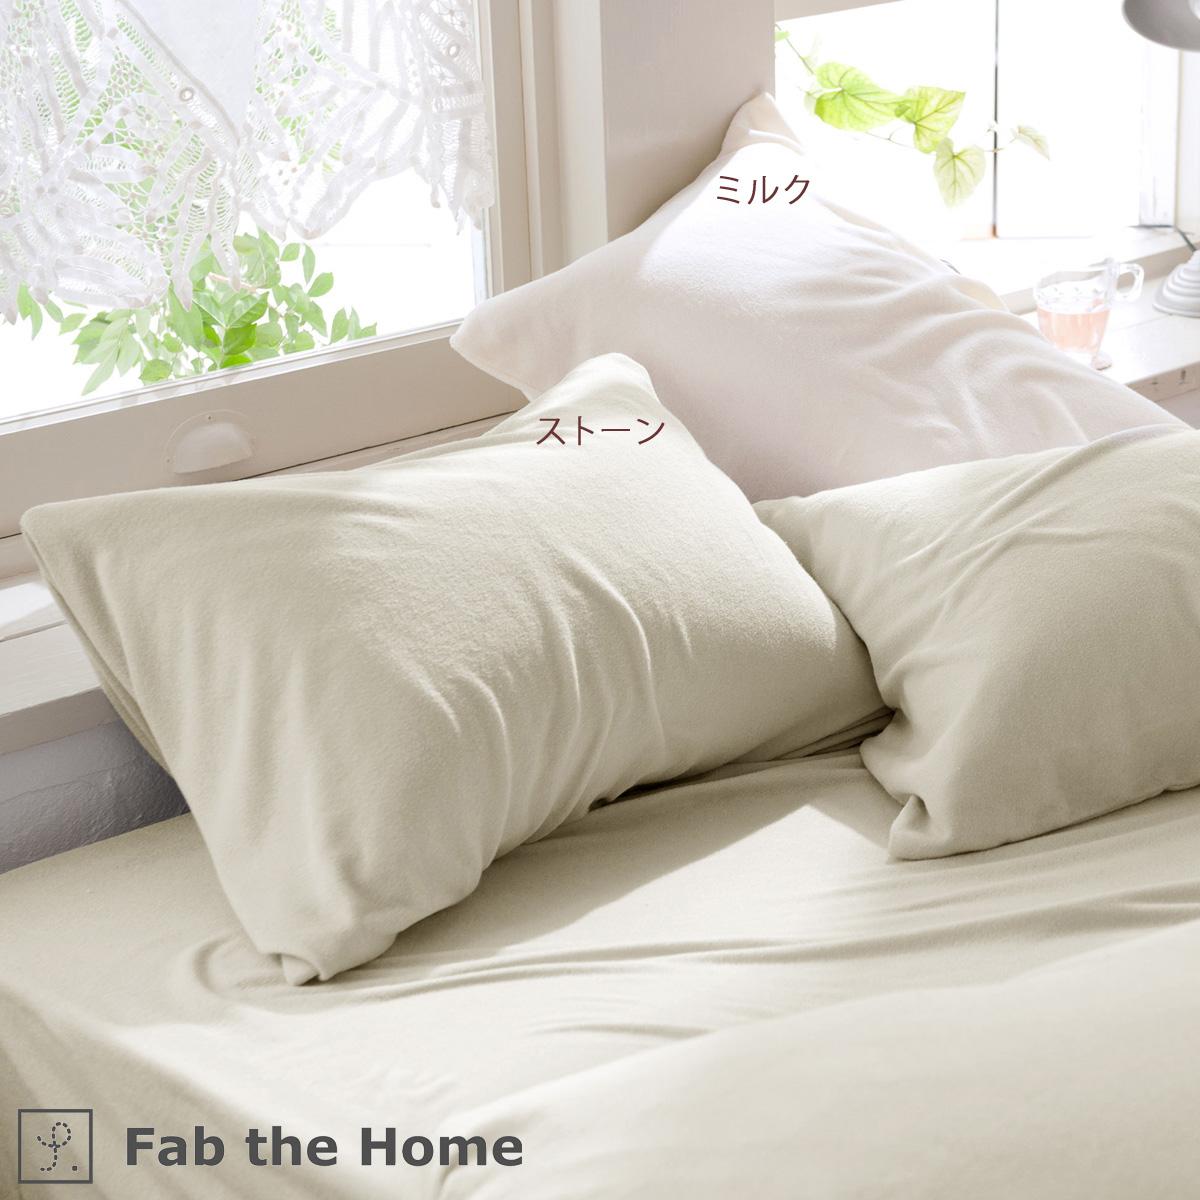 50 70 カバー 枕 枕のサイズ 50×70?